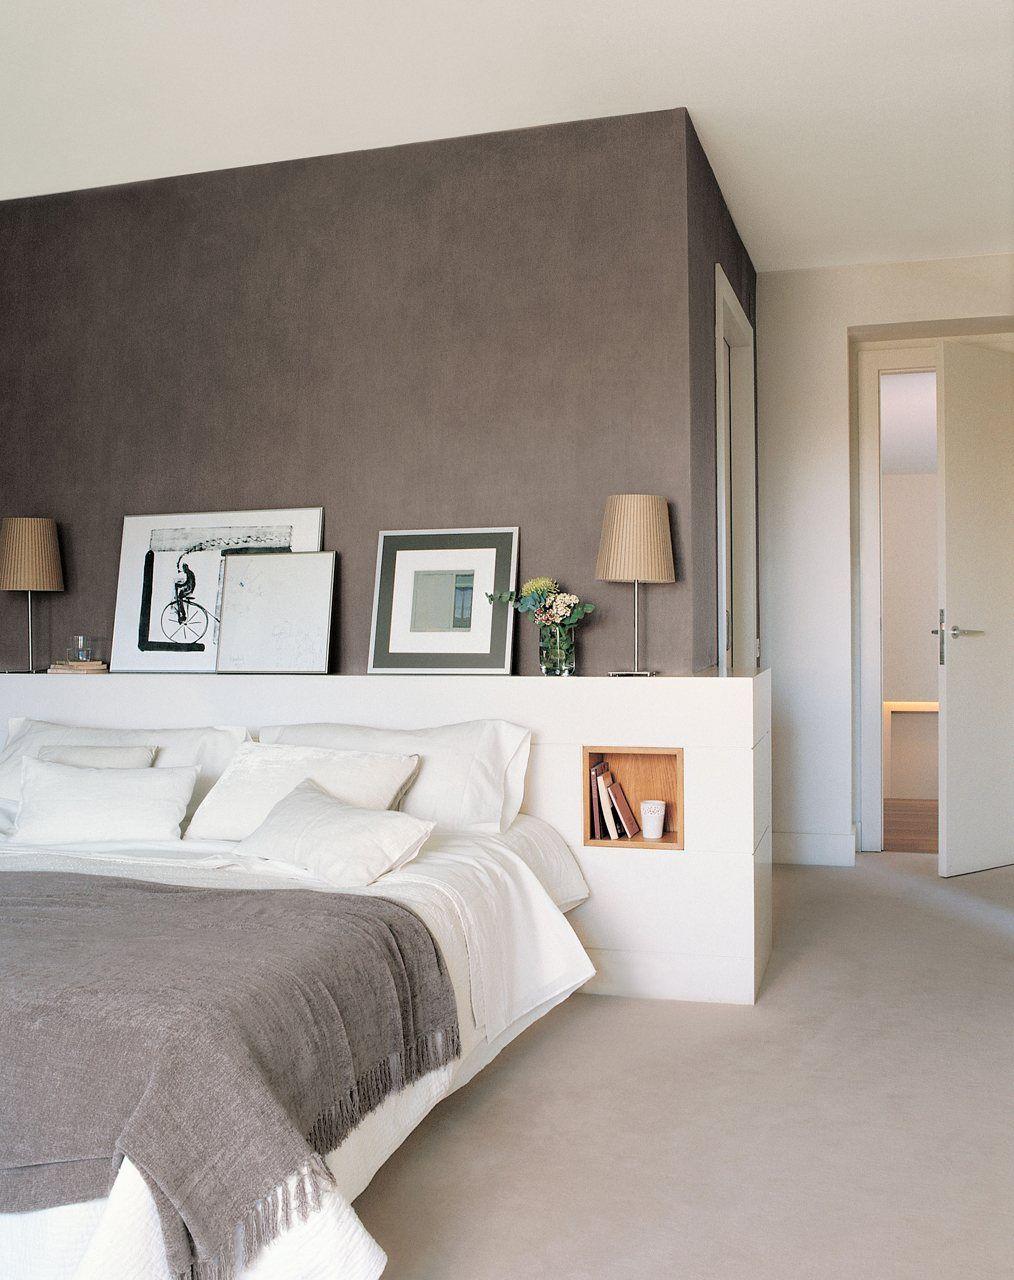 Dormitorios peque os con ideas dormitorios peque os - Cabecero mesillas integradas ...